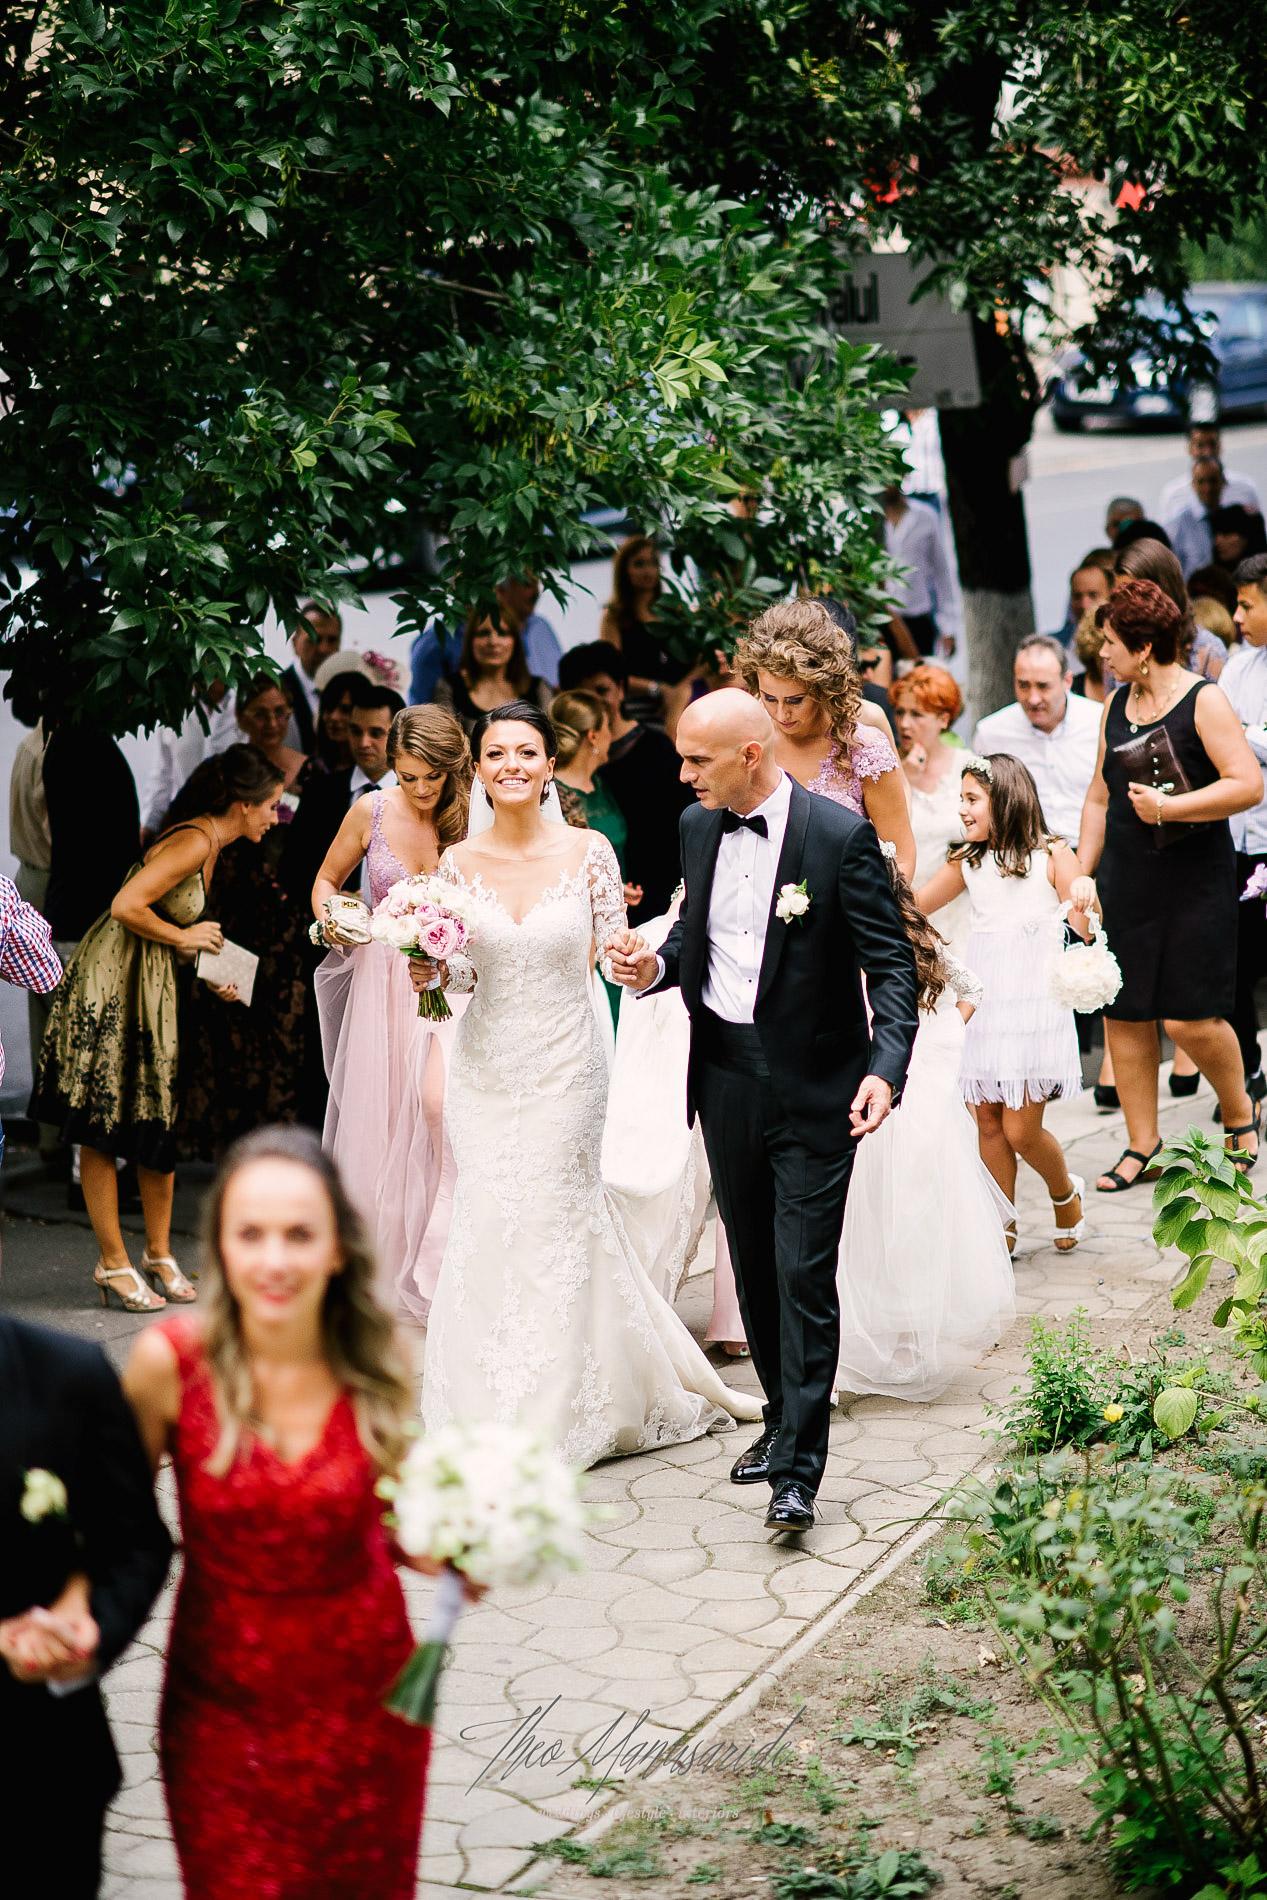 fotograf nunta biavati events-30-2